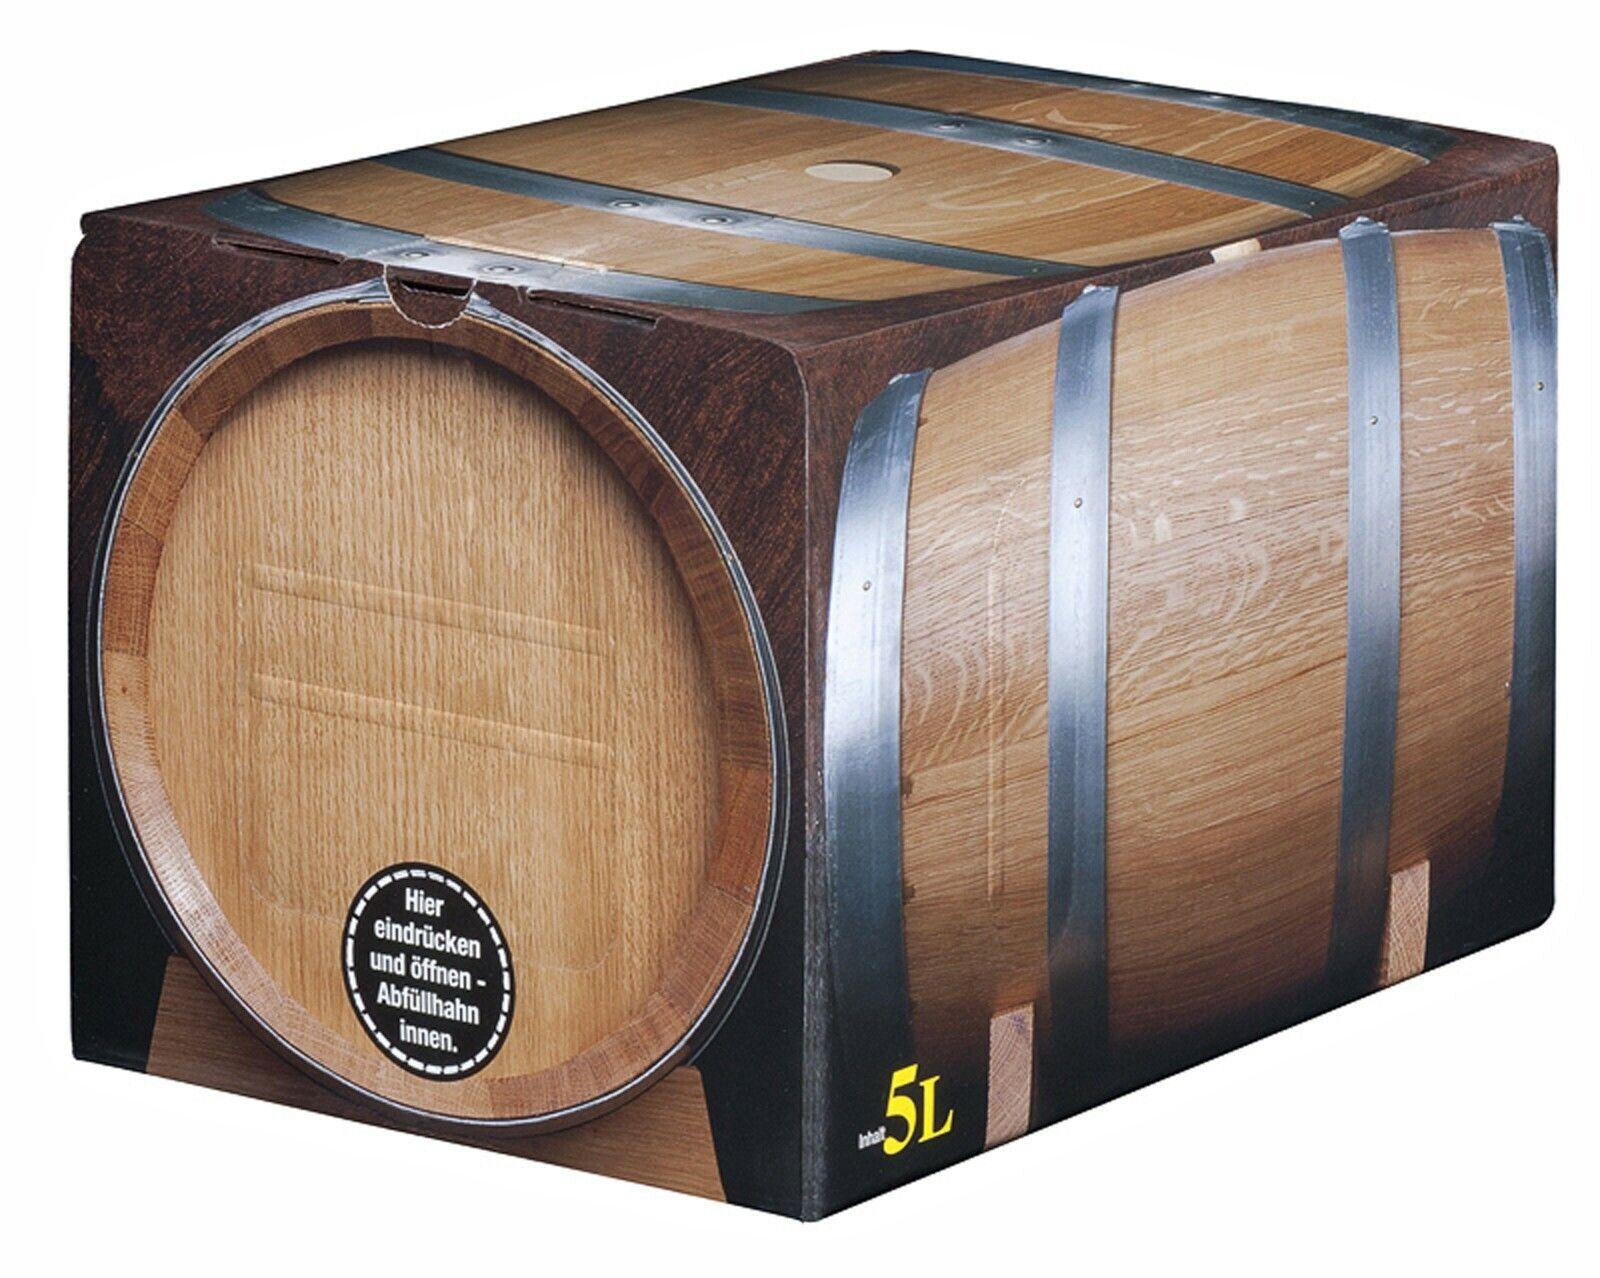 Pfälzer Dornfelder Rotwein trocken  5 x 5l Bag in Box vom Winzer